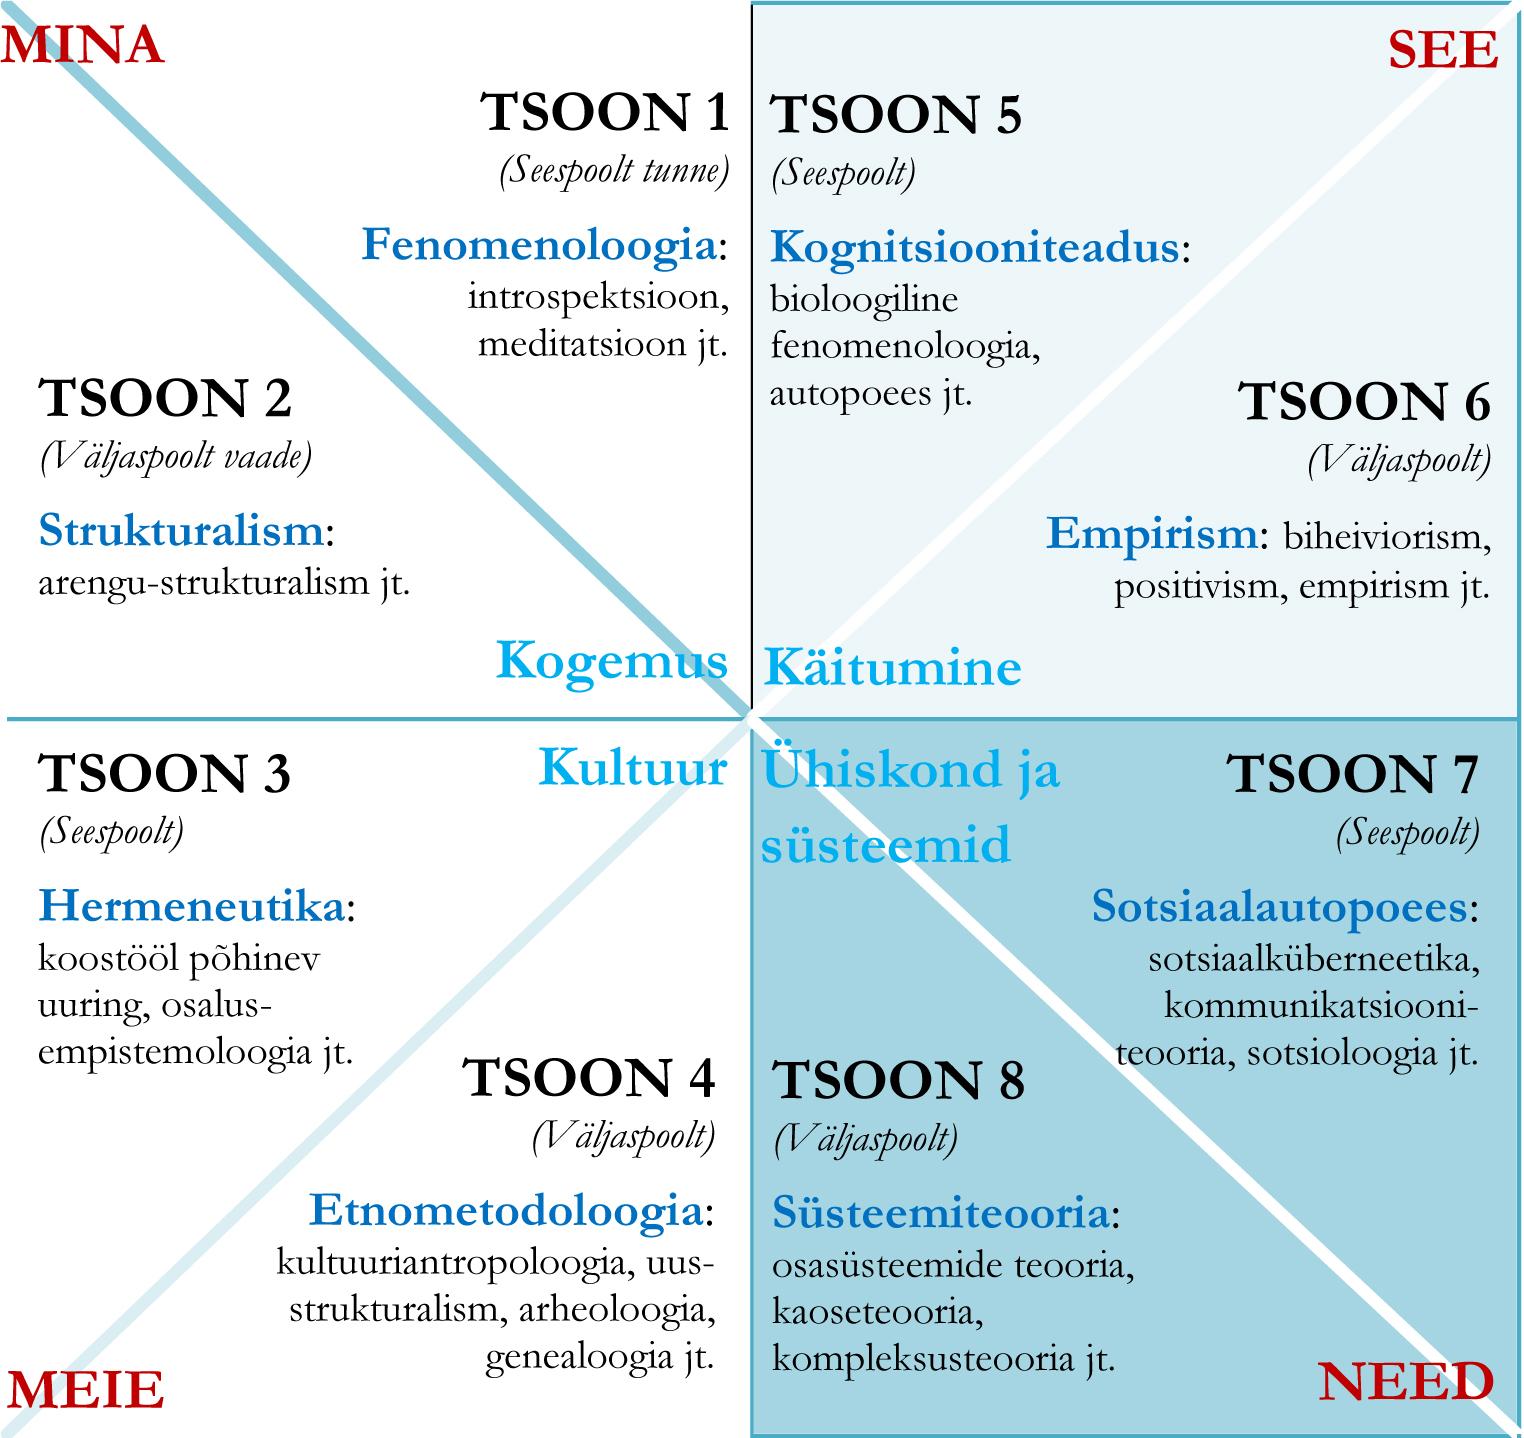 Joonis. Kaheksa tsooni ja nende metodoloogiad.